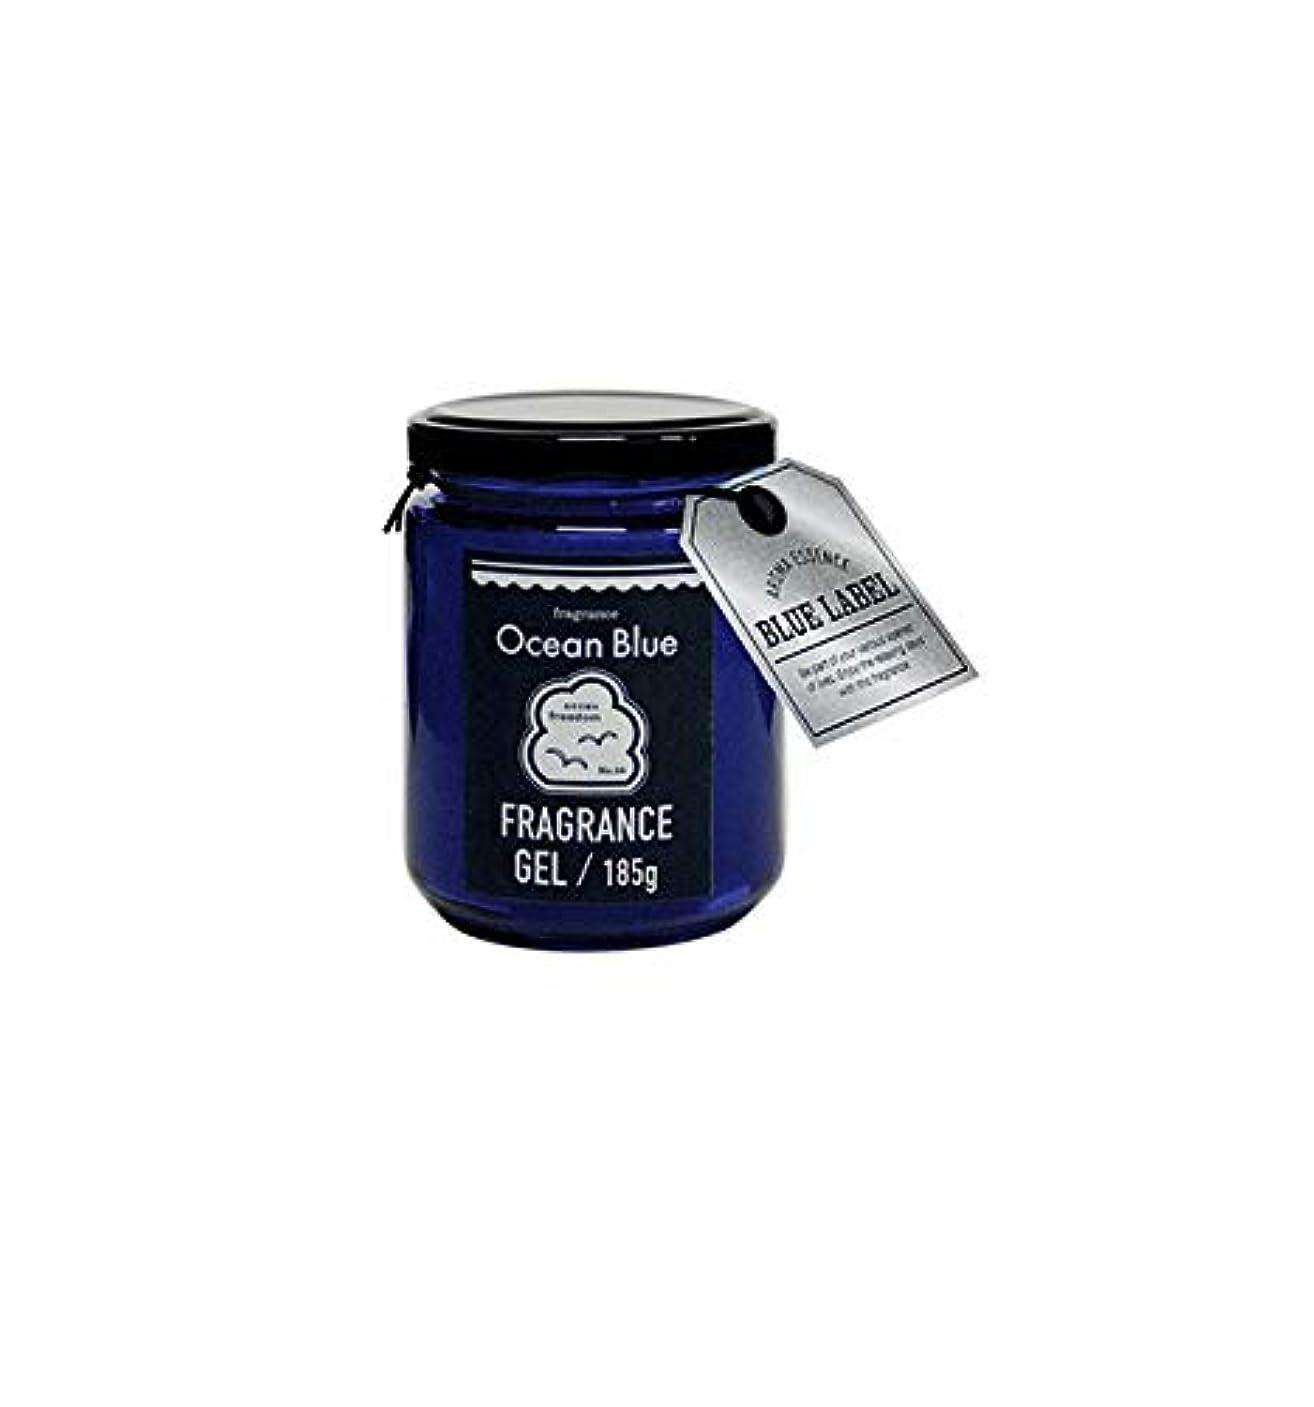 モナリザフリッパー状態ブルーラベル ブルー フレグランスジェル185g オーシャンブルー(ルームフレグランス 約1-2ヶ月 海の爽快な香り)